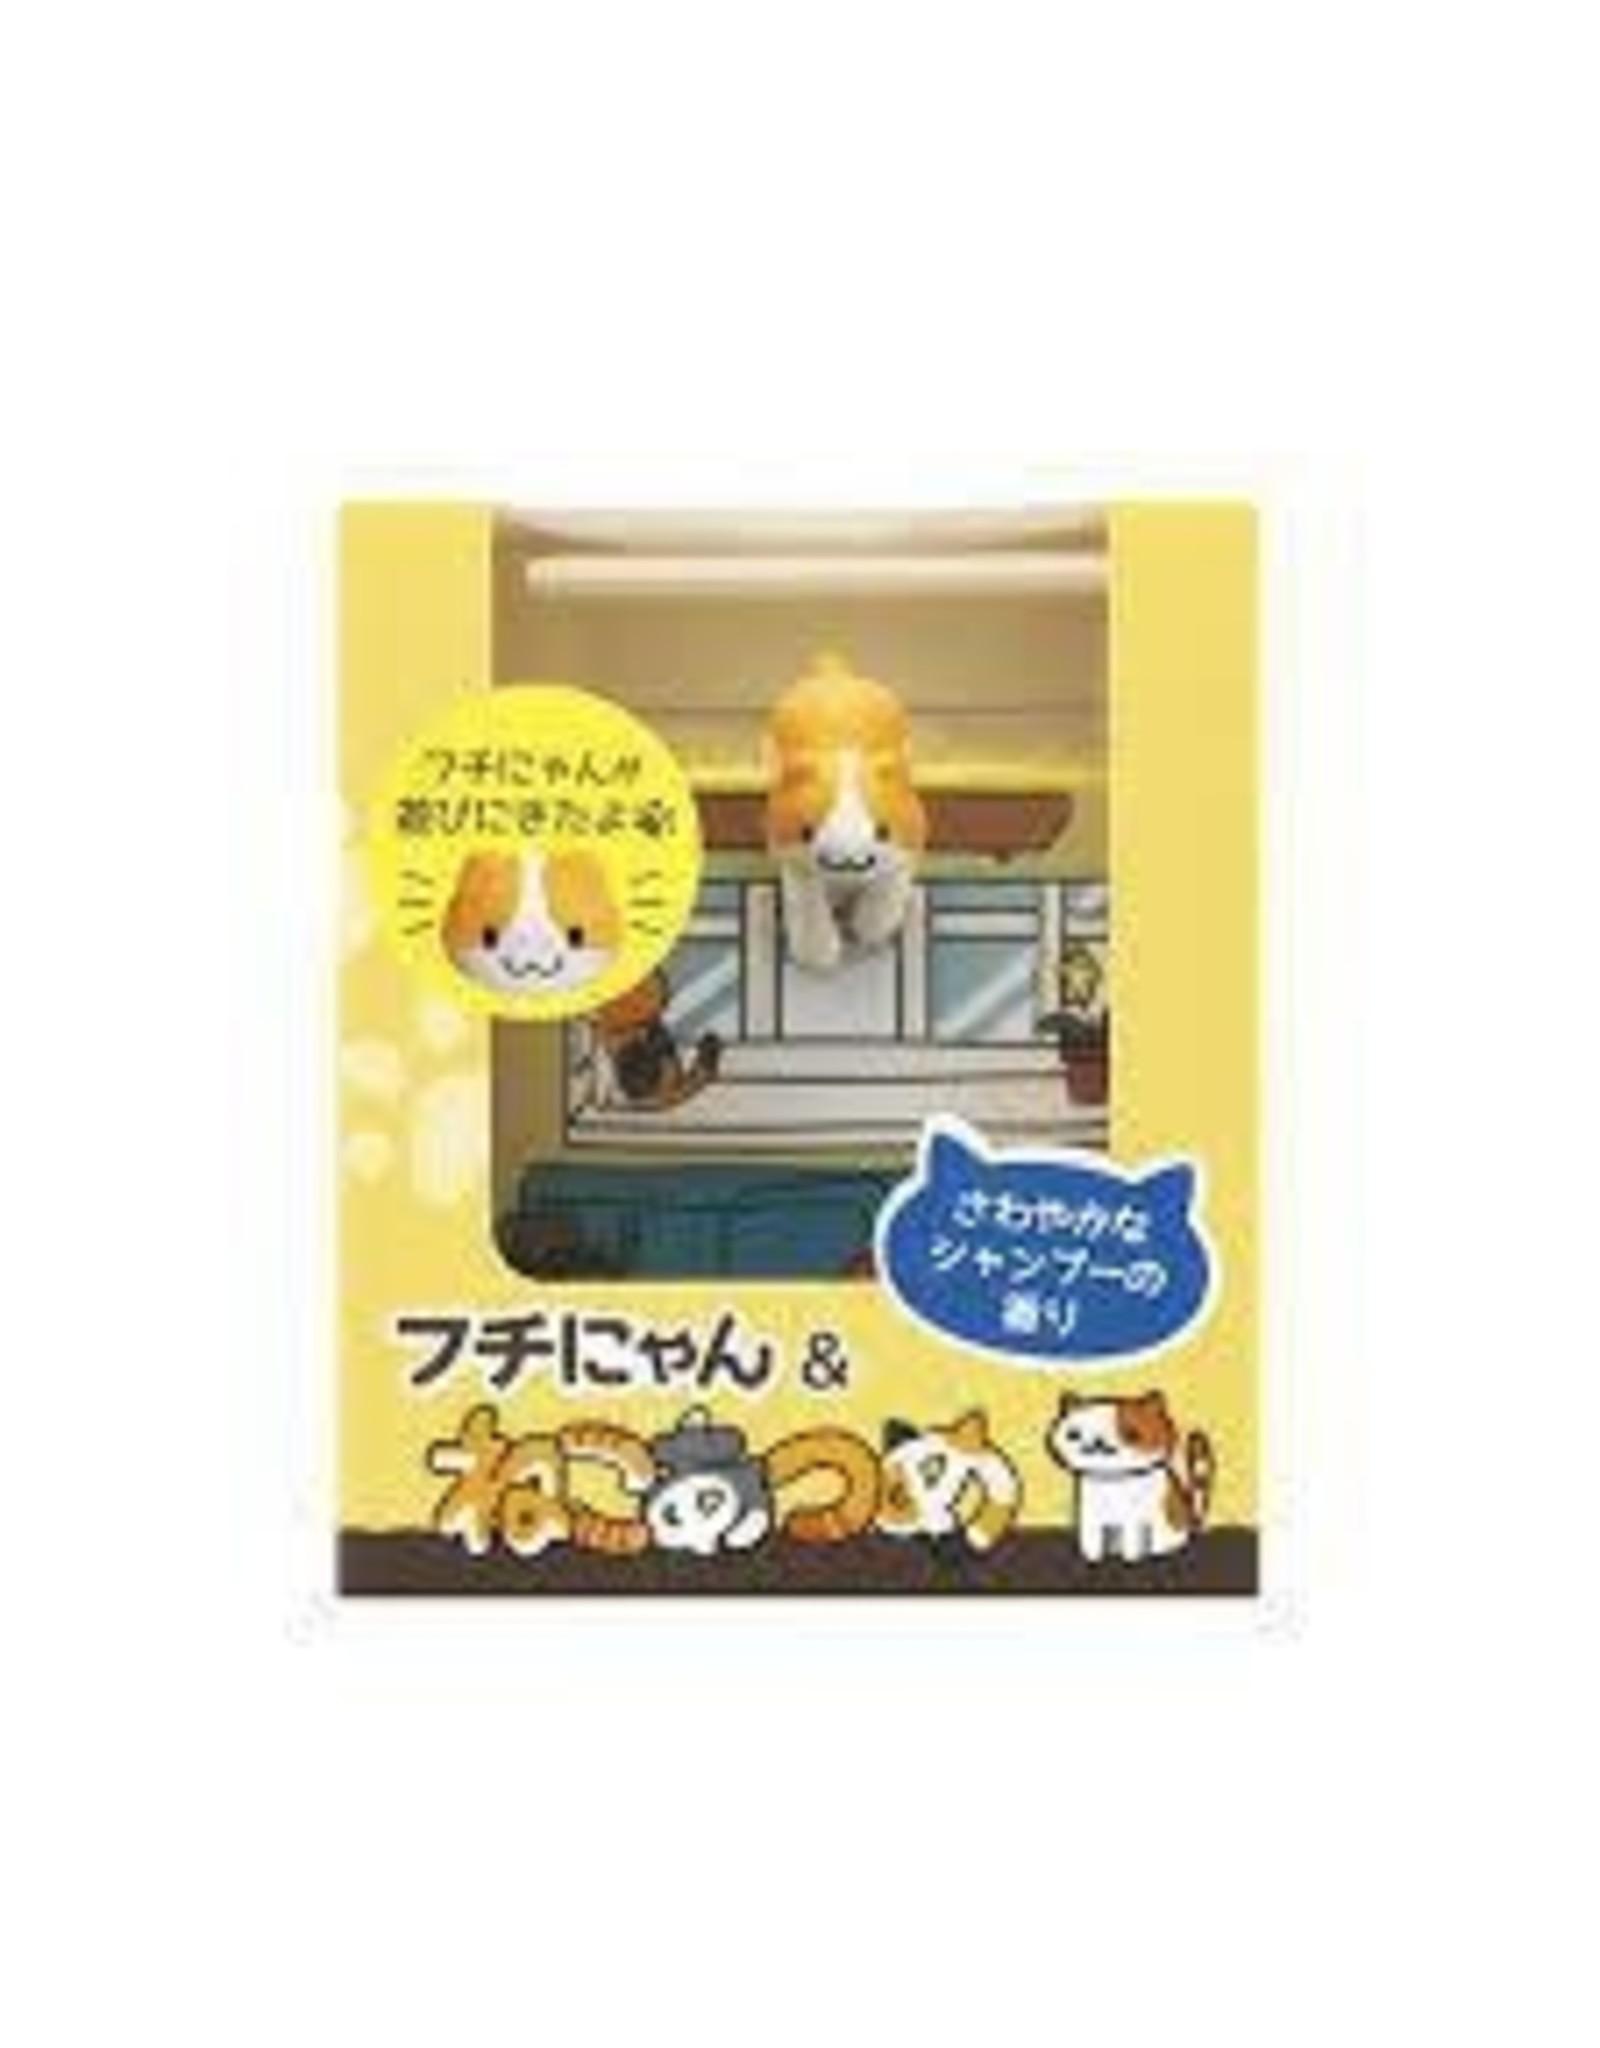 Carmate Carmate Fuchinyan  G1157 Fuchinyan & Nekoatsume Shampoo